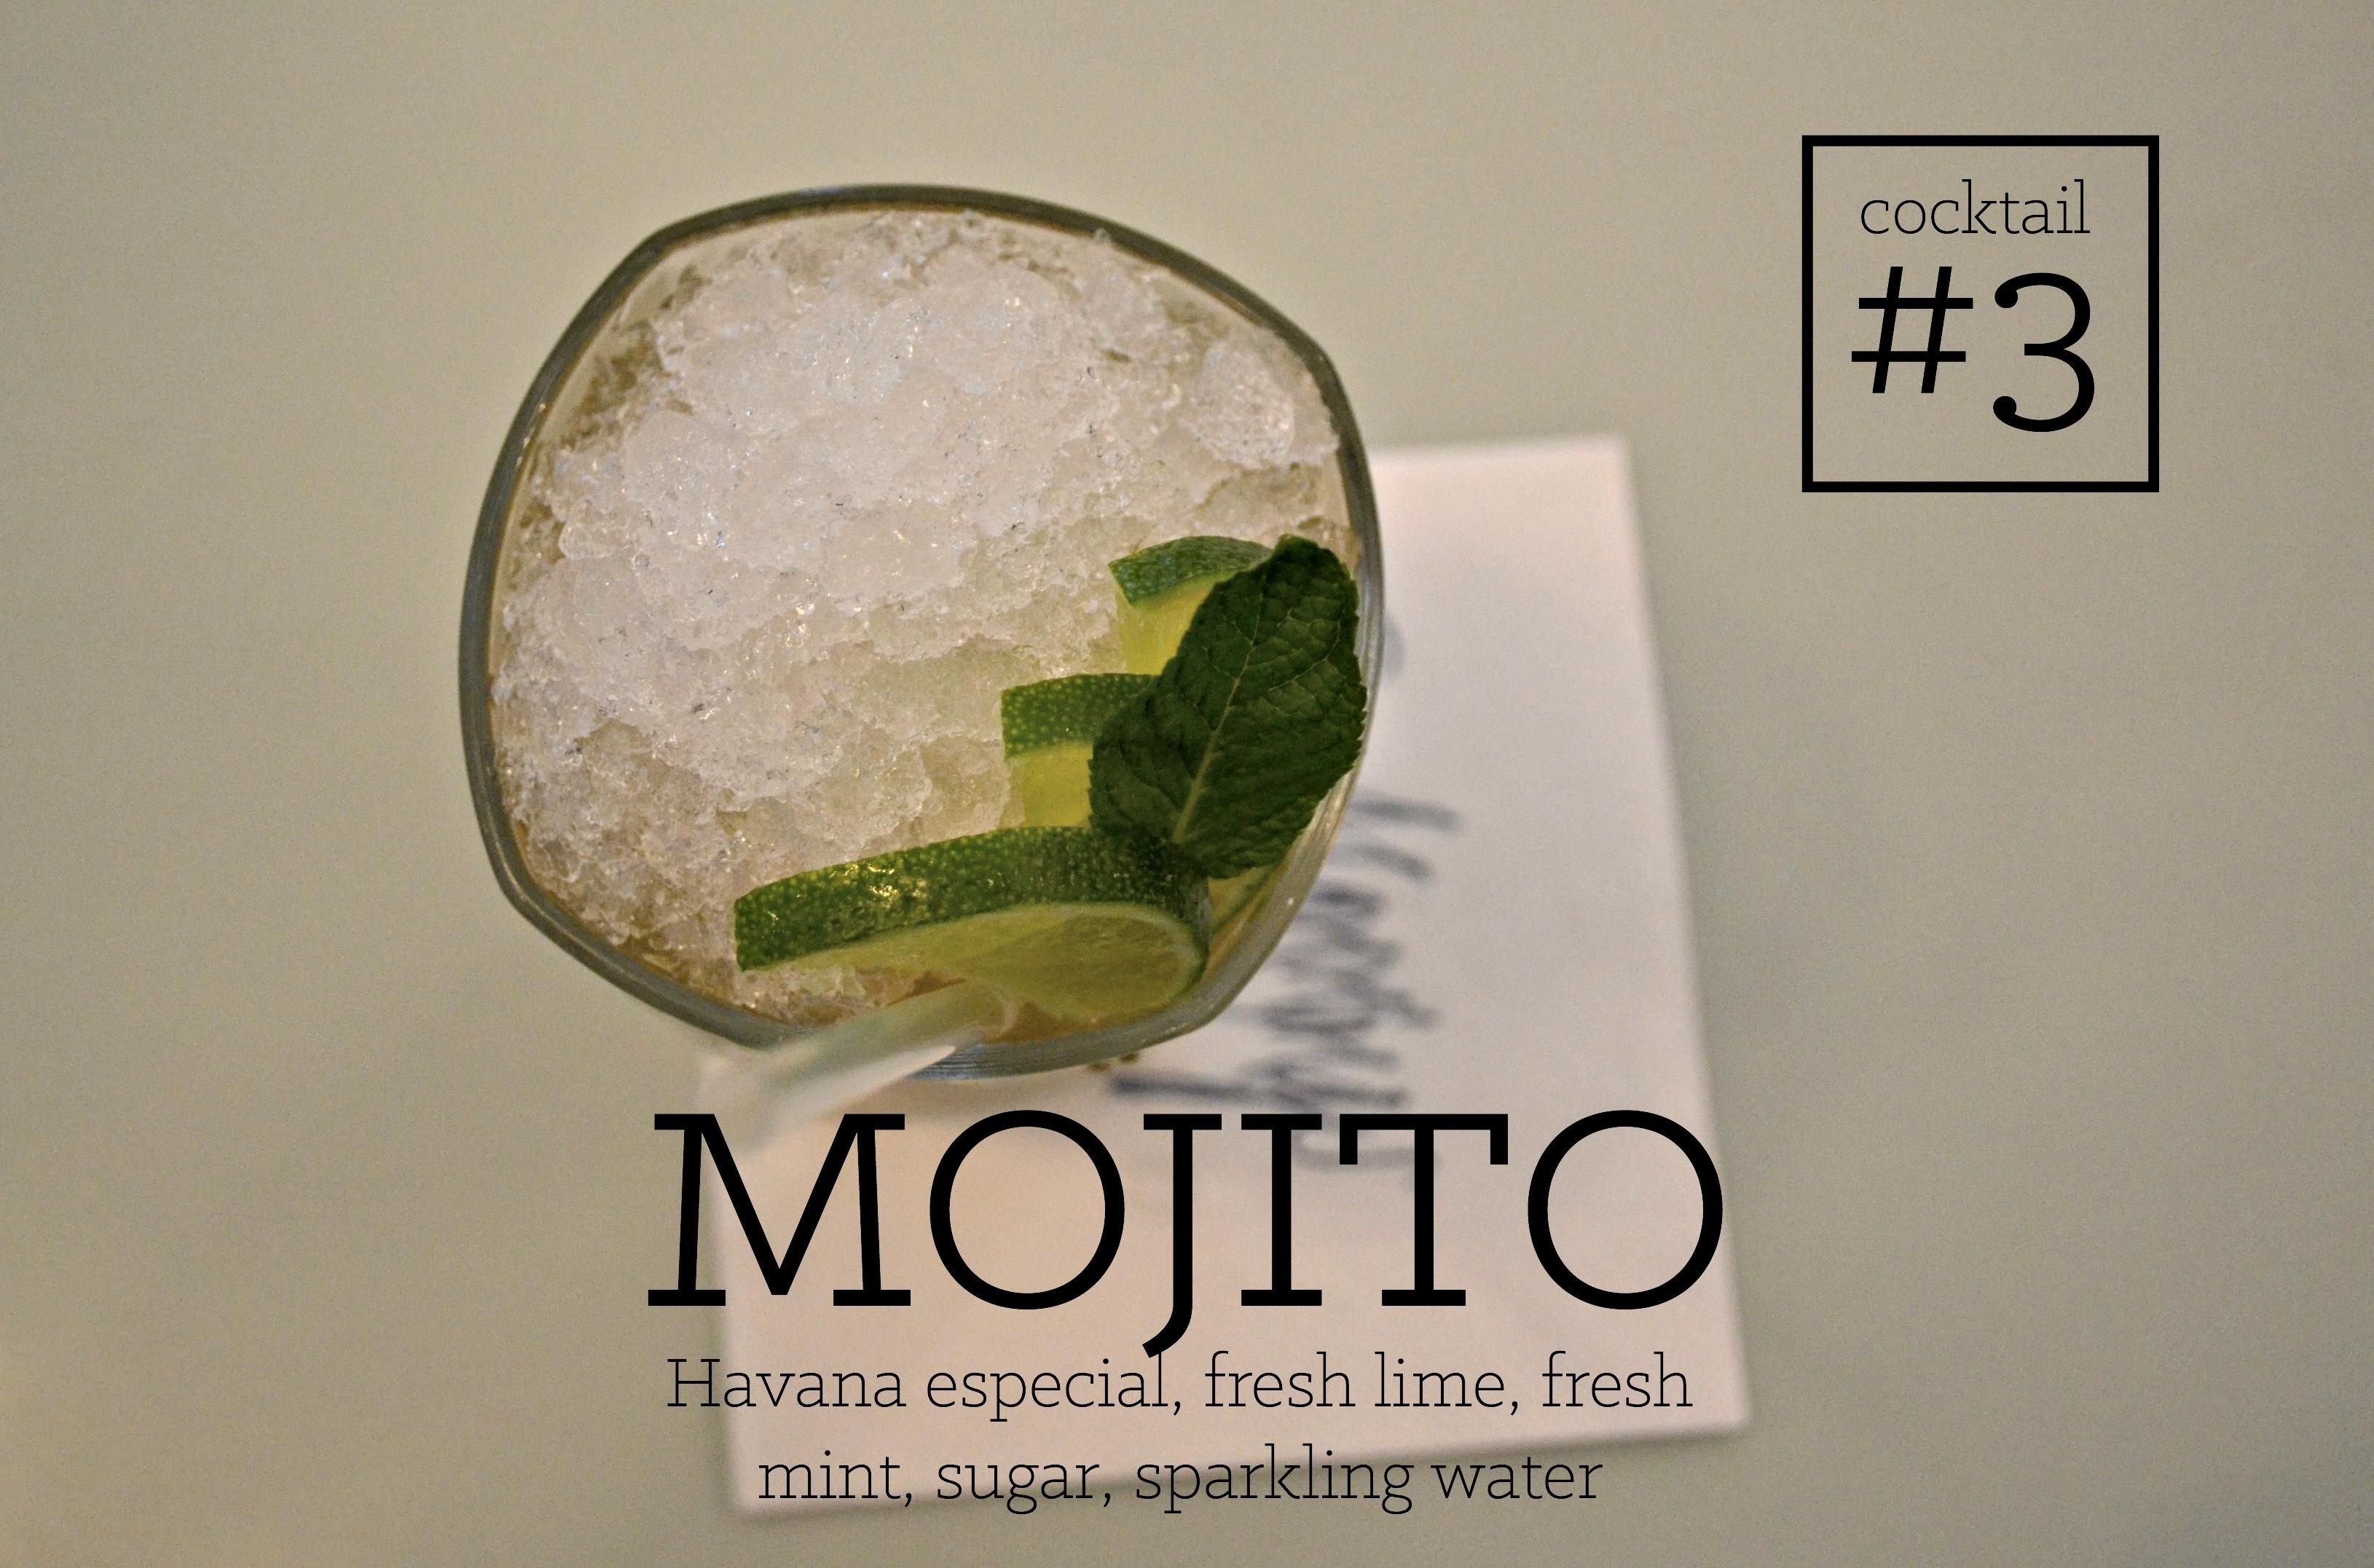 Mojito new menu